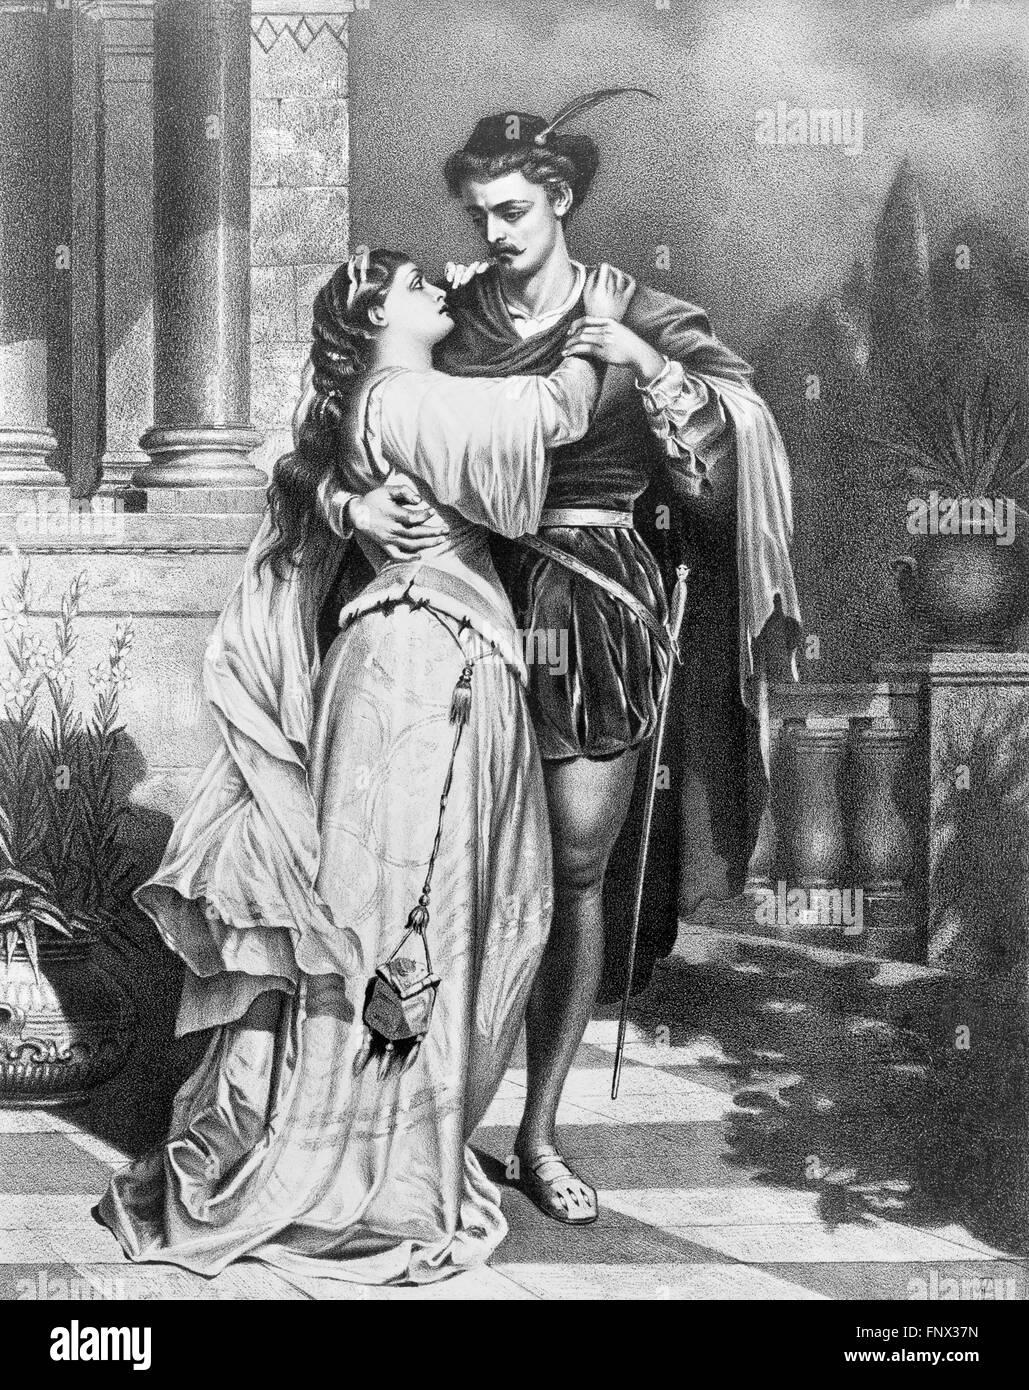 """Romeo e Giulietta. Un 19thC poster pubblicitari Shakespeare's """"Romeo e Giulietta"""", 1879. Immagini Stock"""